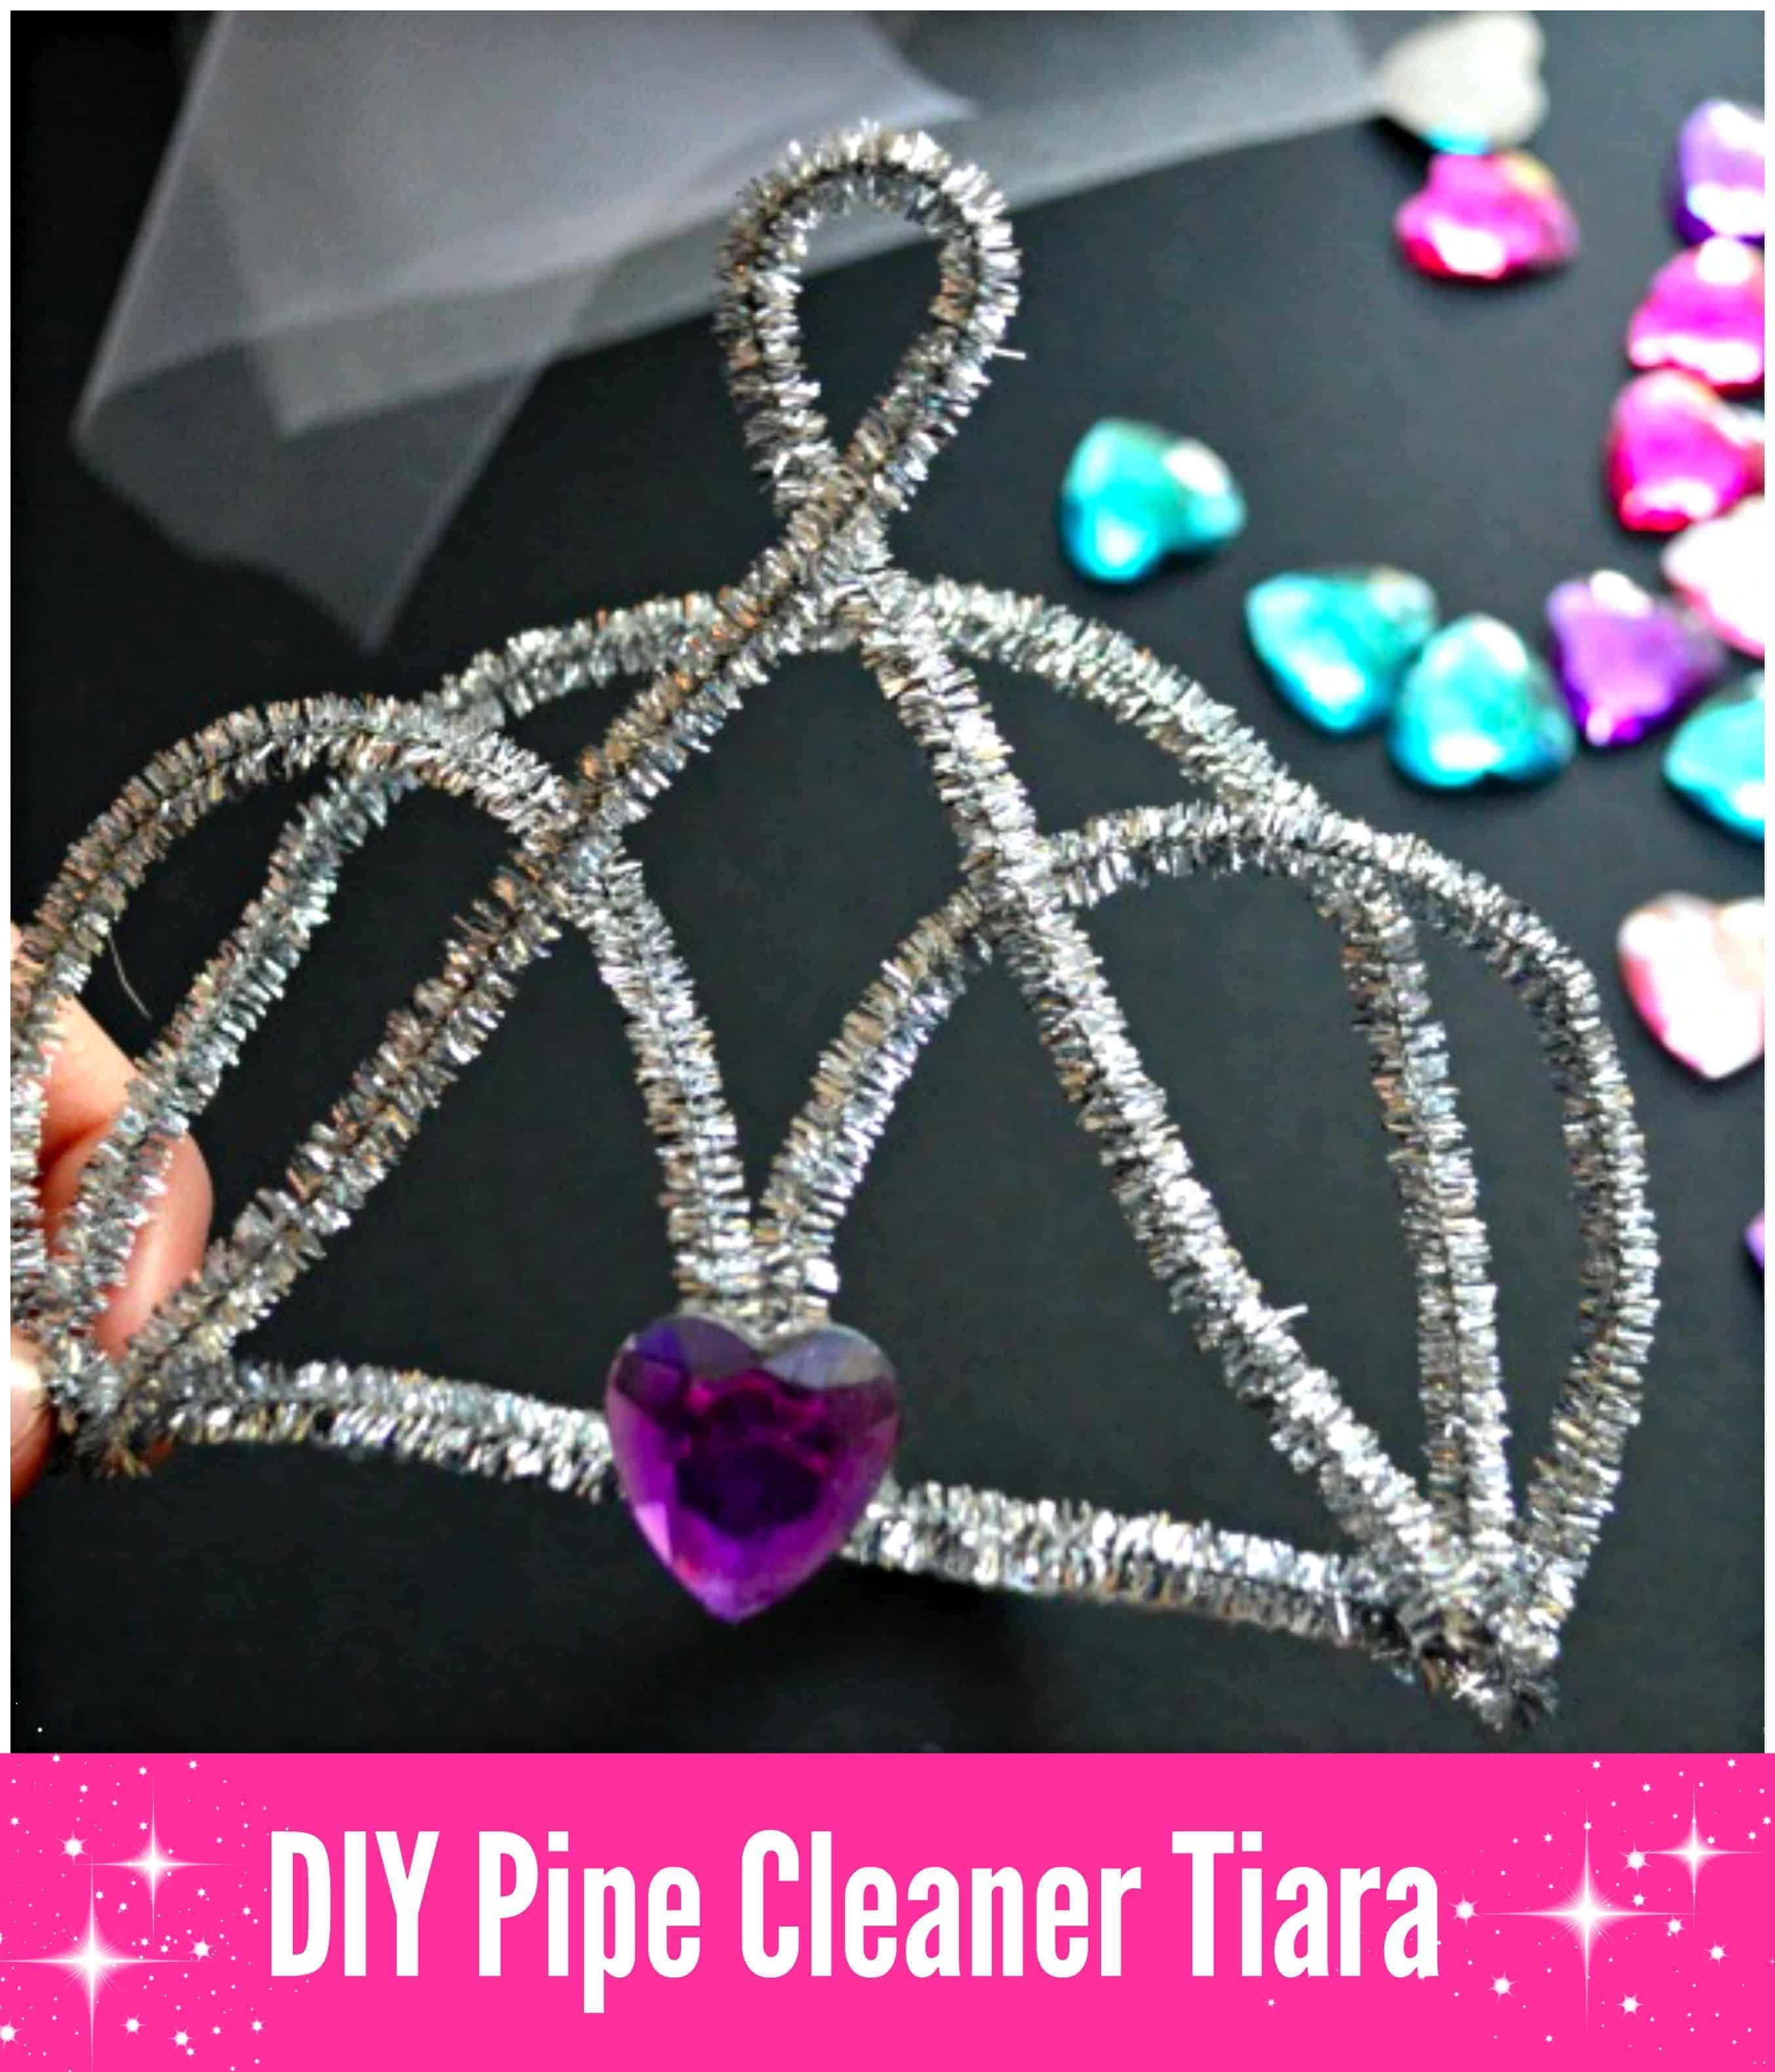 DIY Pipe Cleaner Tiara